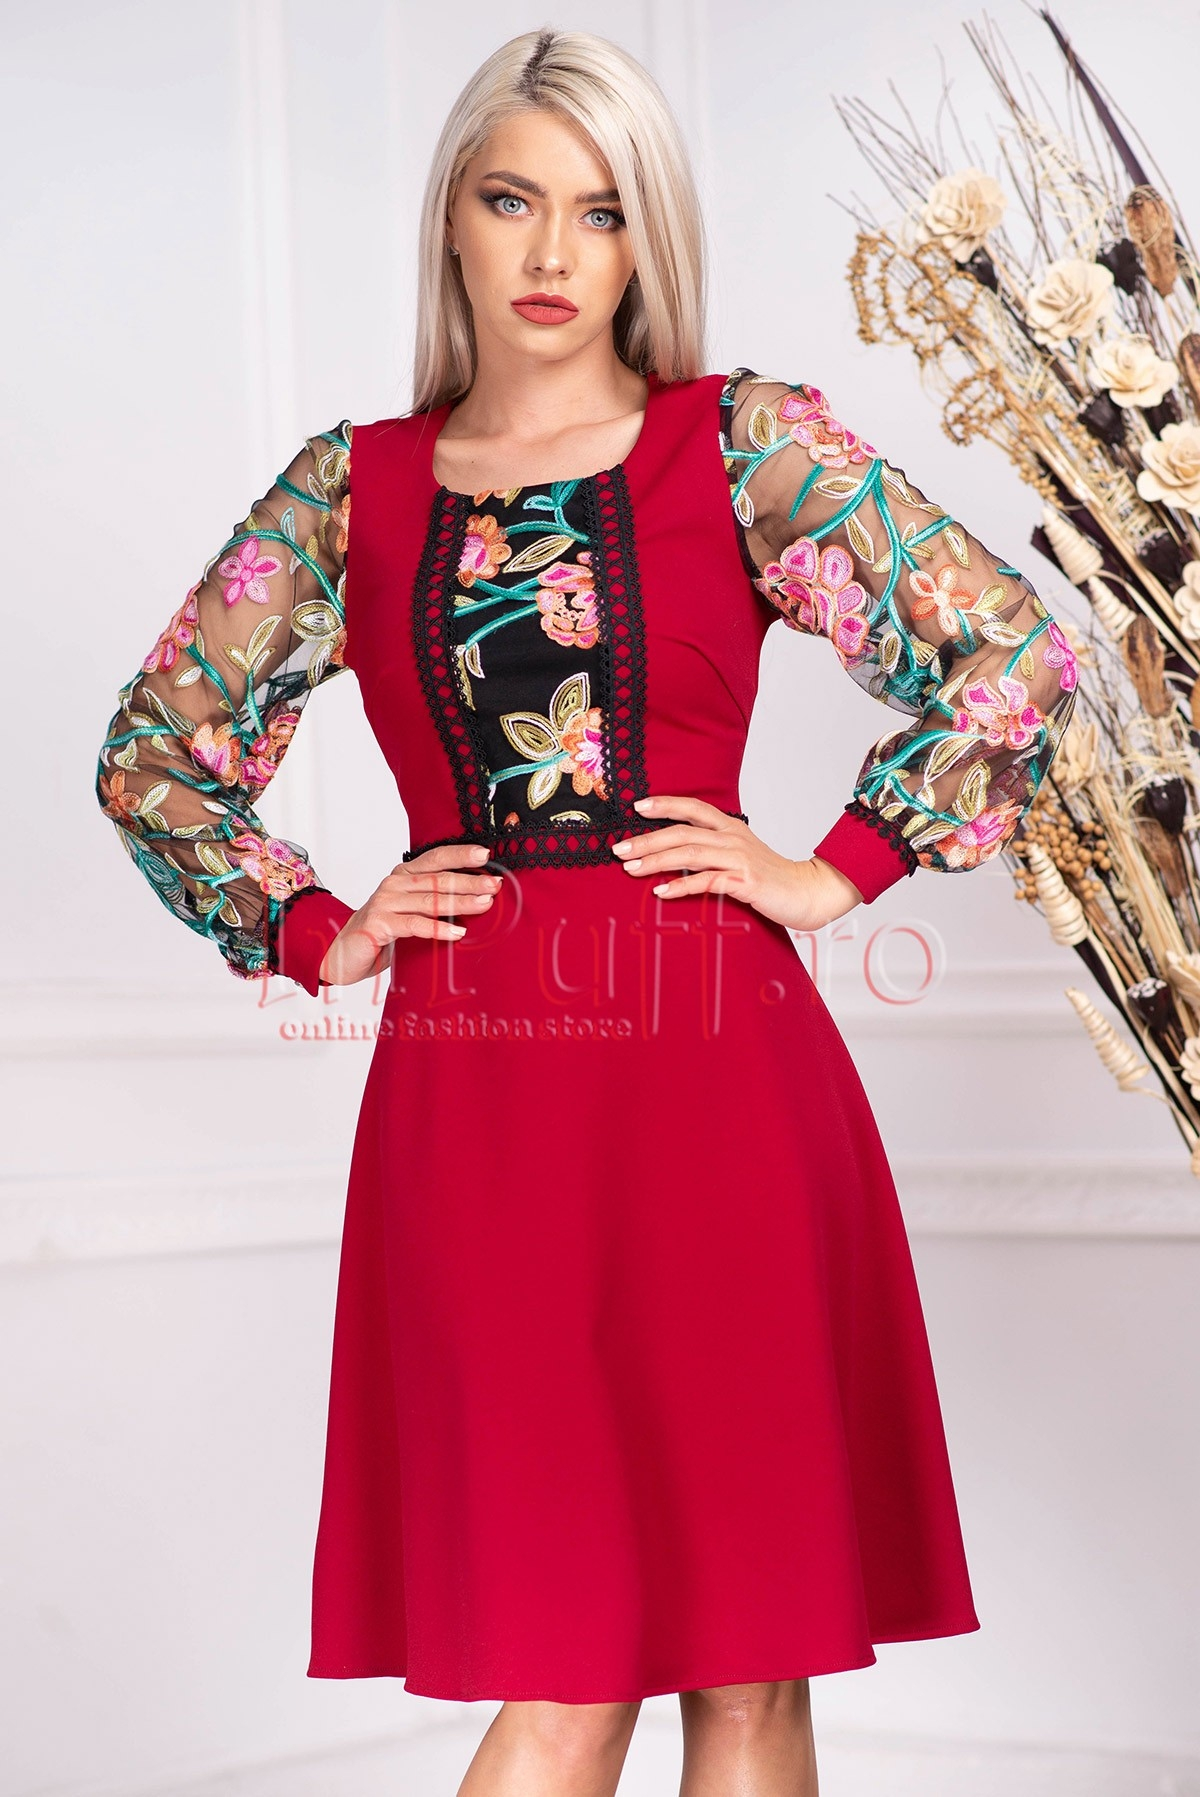 Rochie de seara midi cu maneca lunga din tul cu broderie florala multicolora